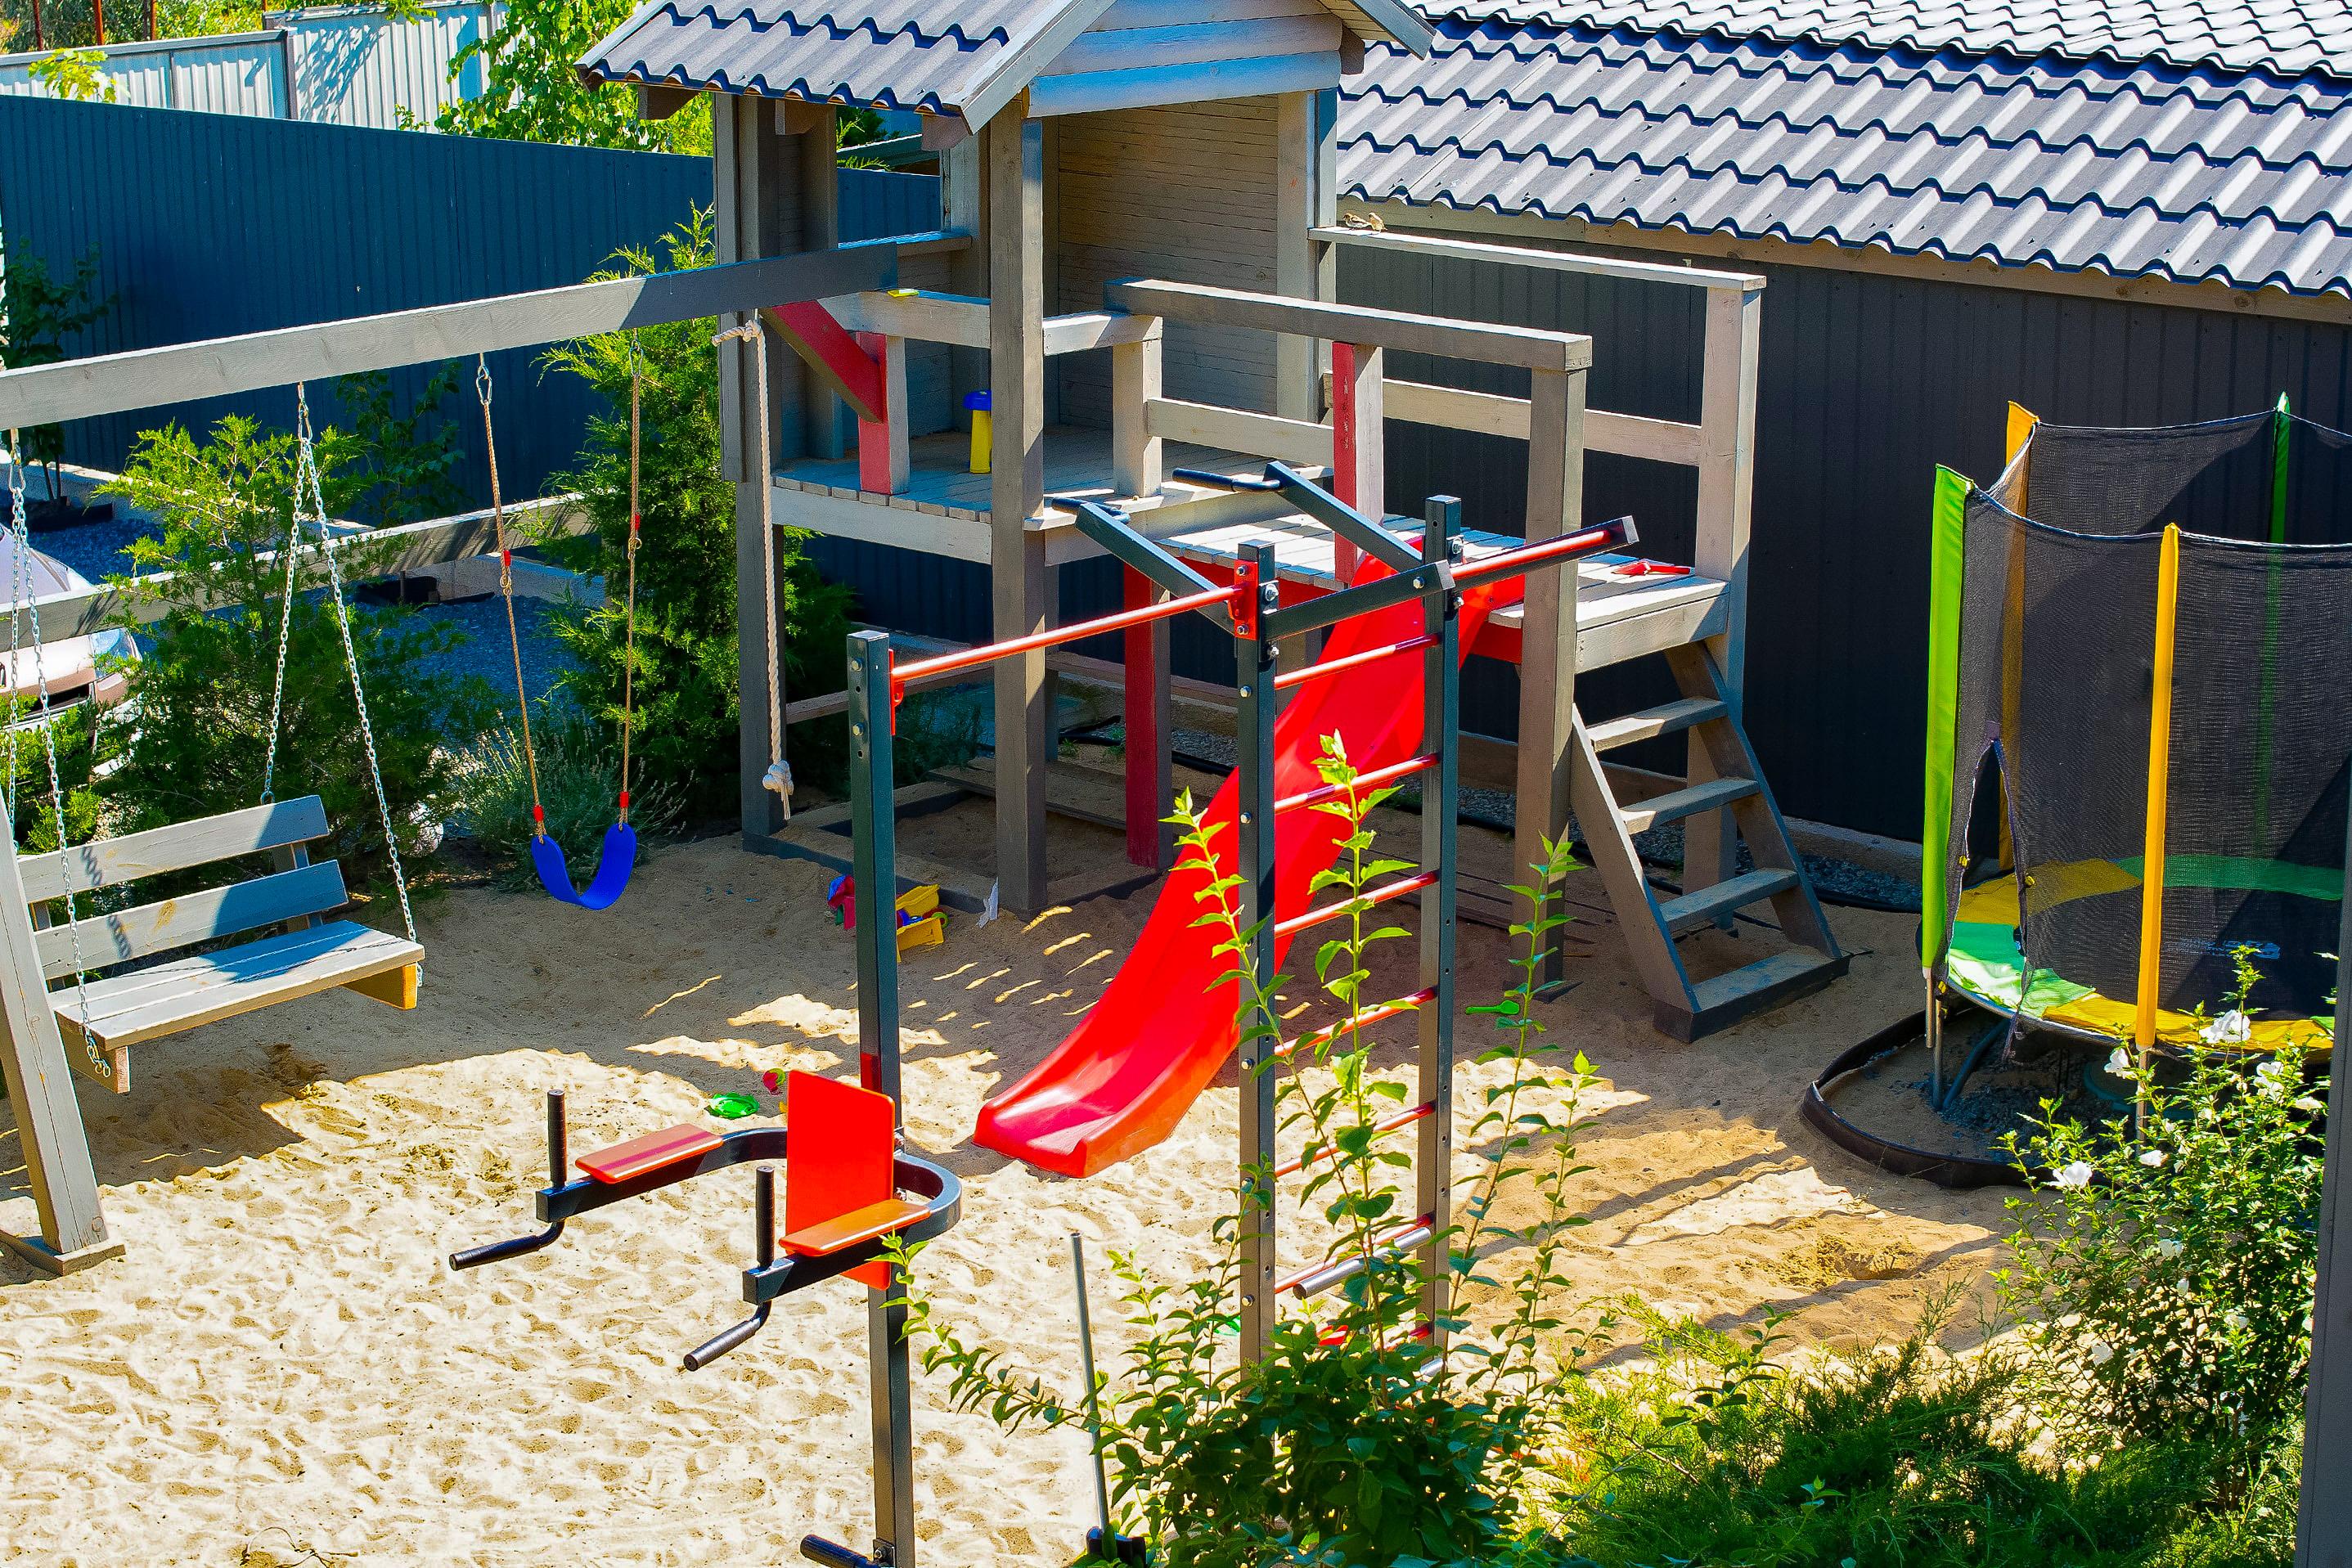 отдых с детьми на эко-даче на детской площадке